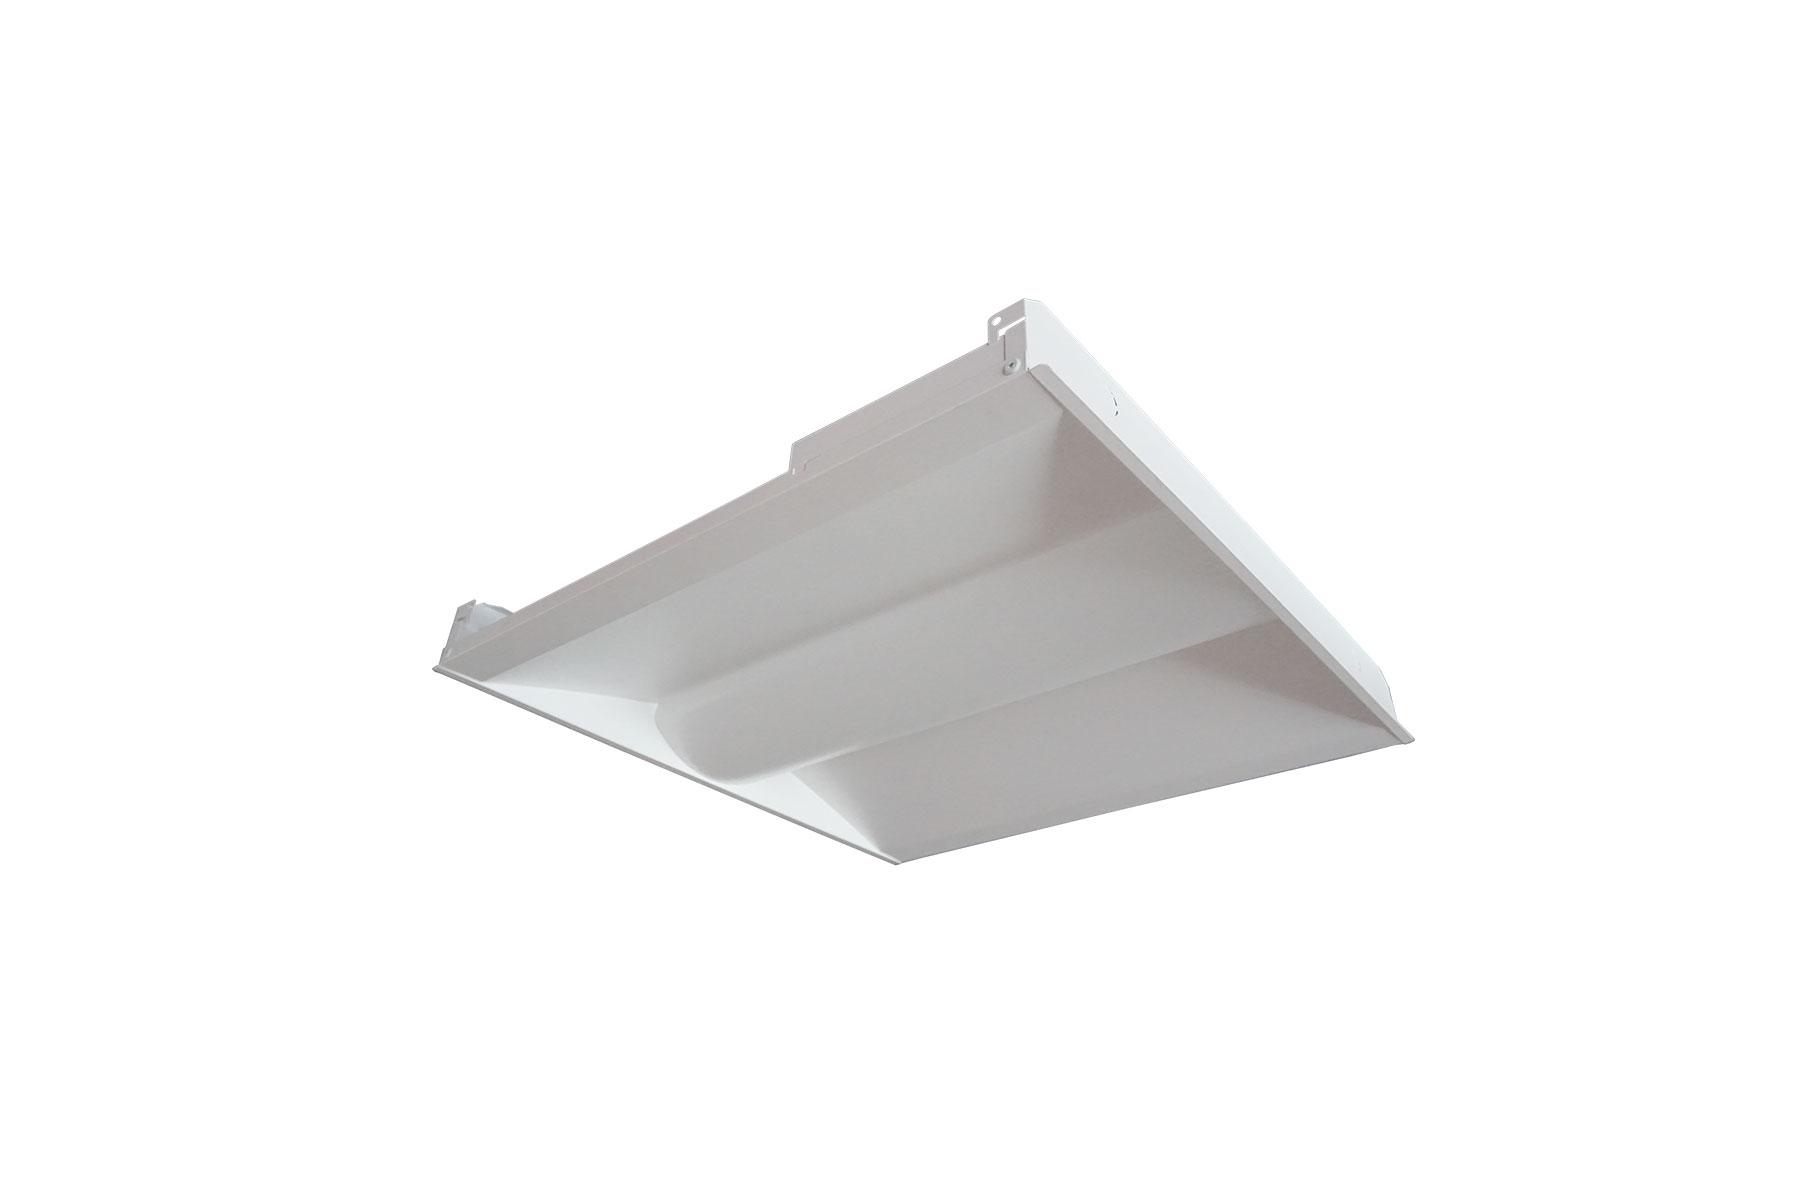 2ft-x-2ft-LED-Troffer